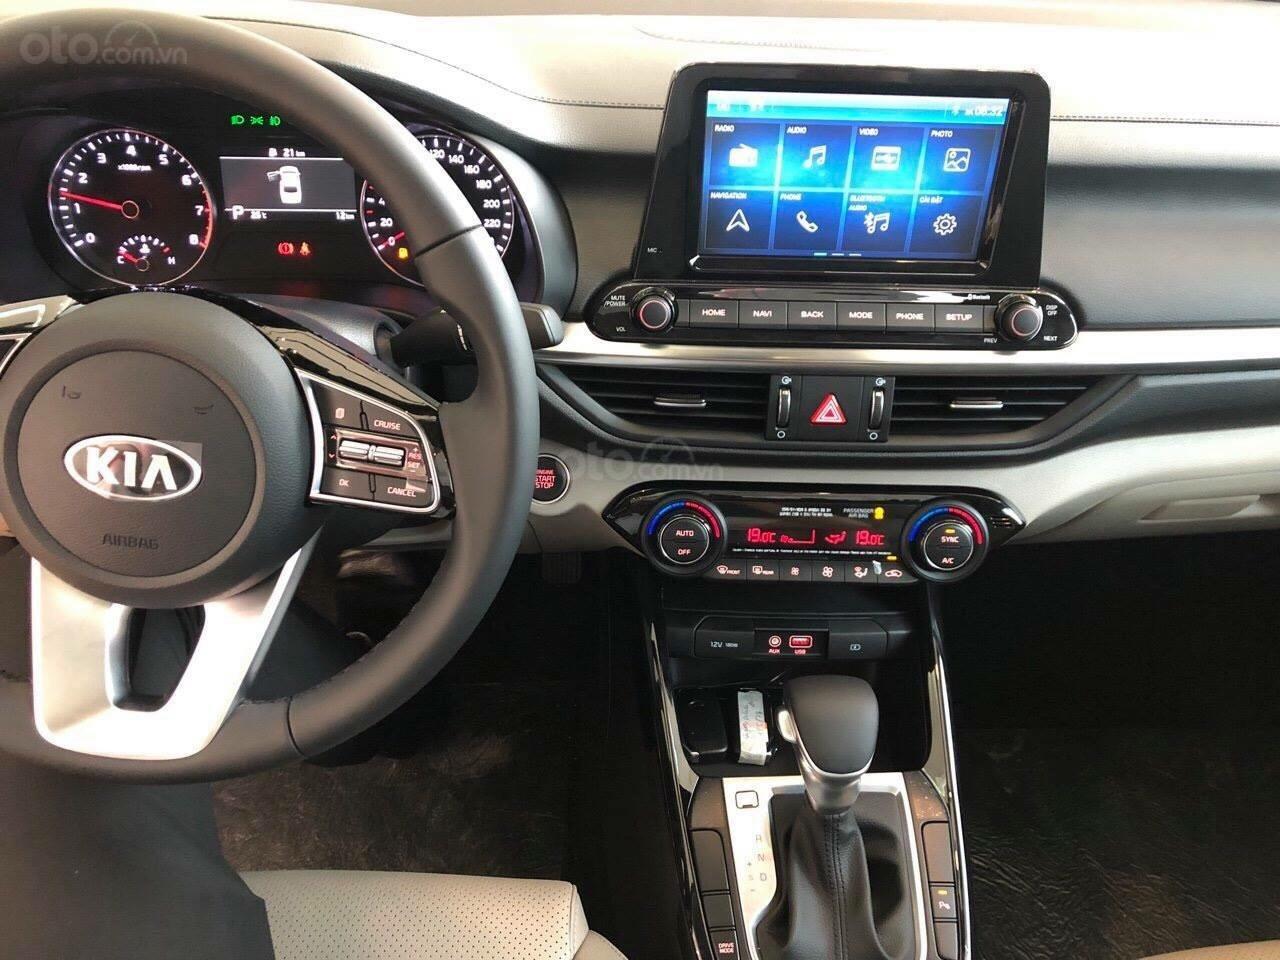 Kia Cerato 2019- cam kết giá tốt nhất thị trường - sẵn xe giao ngay- hỗ trợ trả góp 90%-9